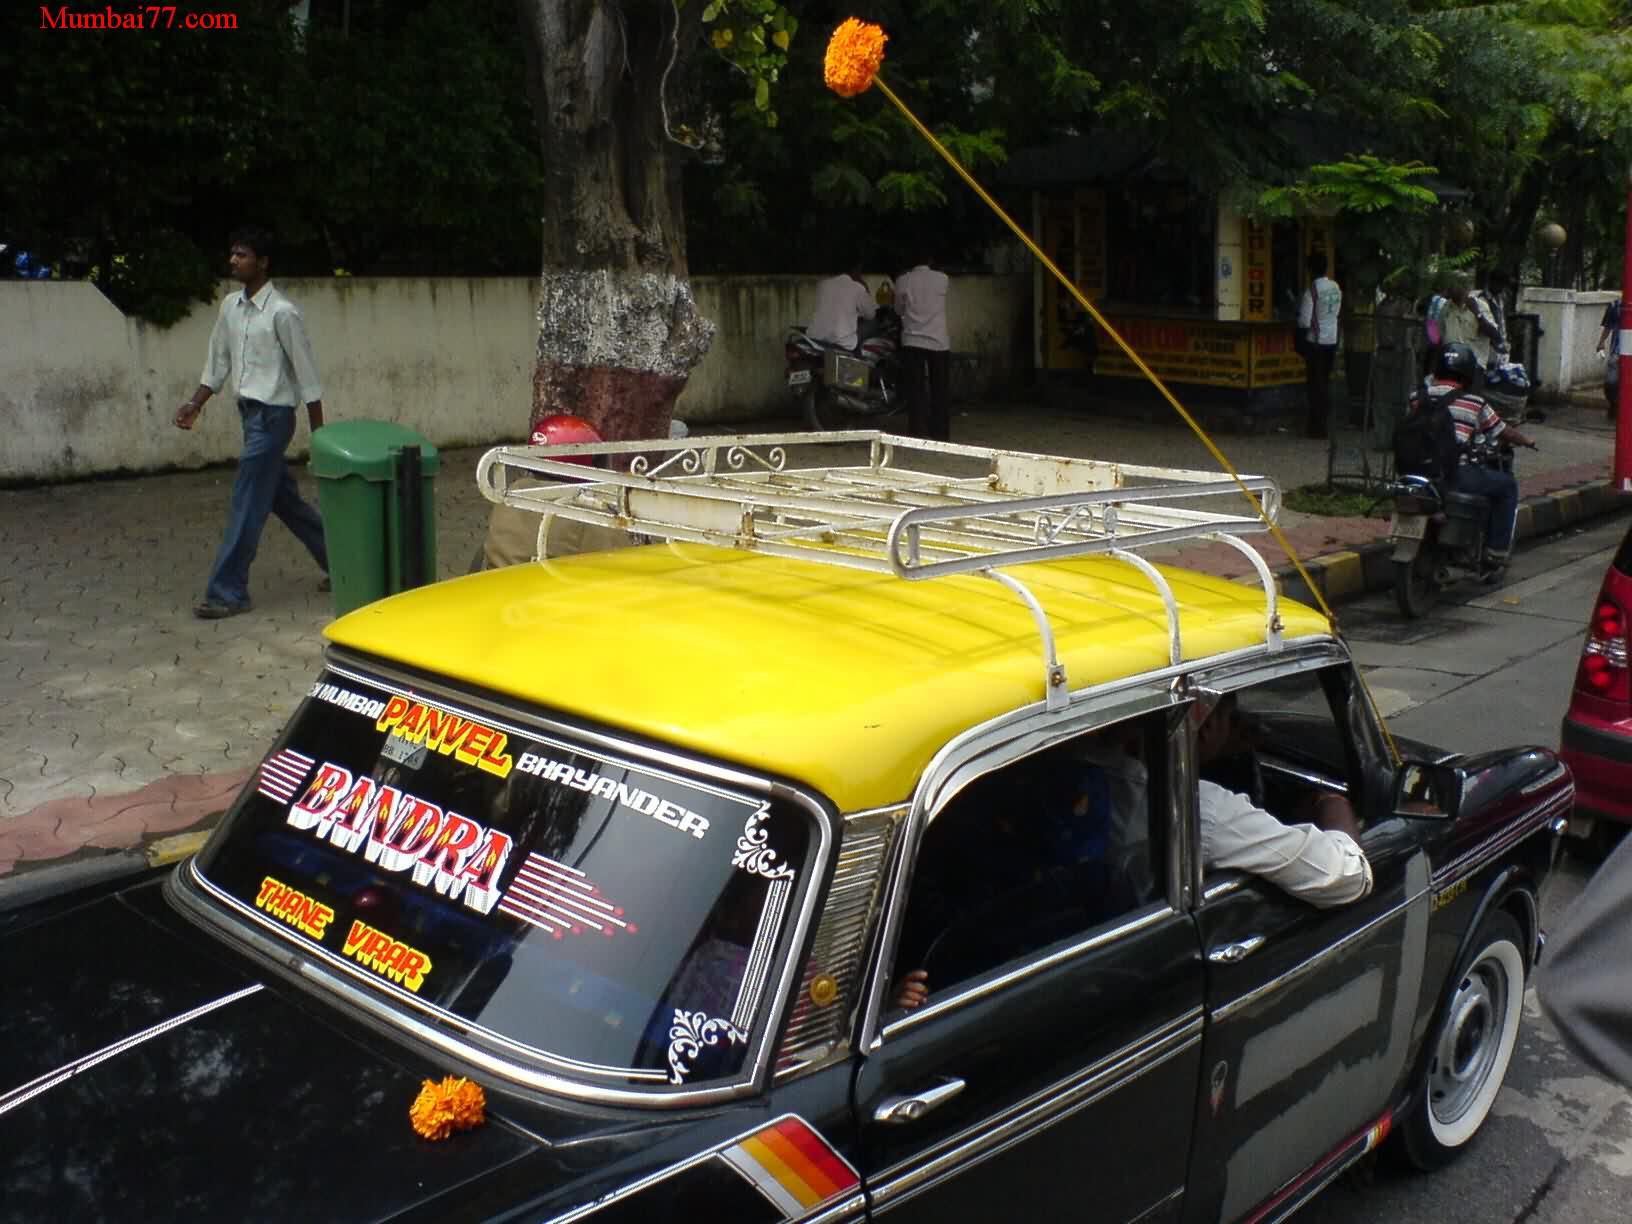 Yellow Black Taxi in Mumbai